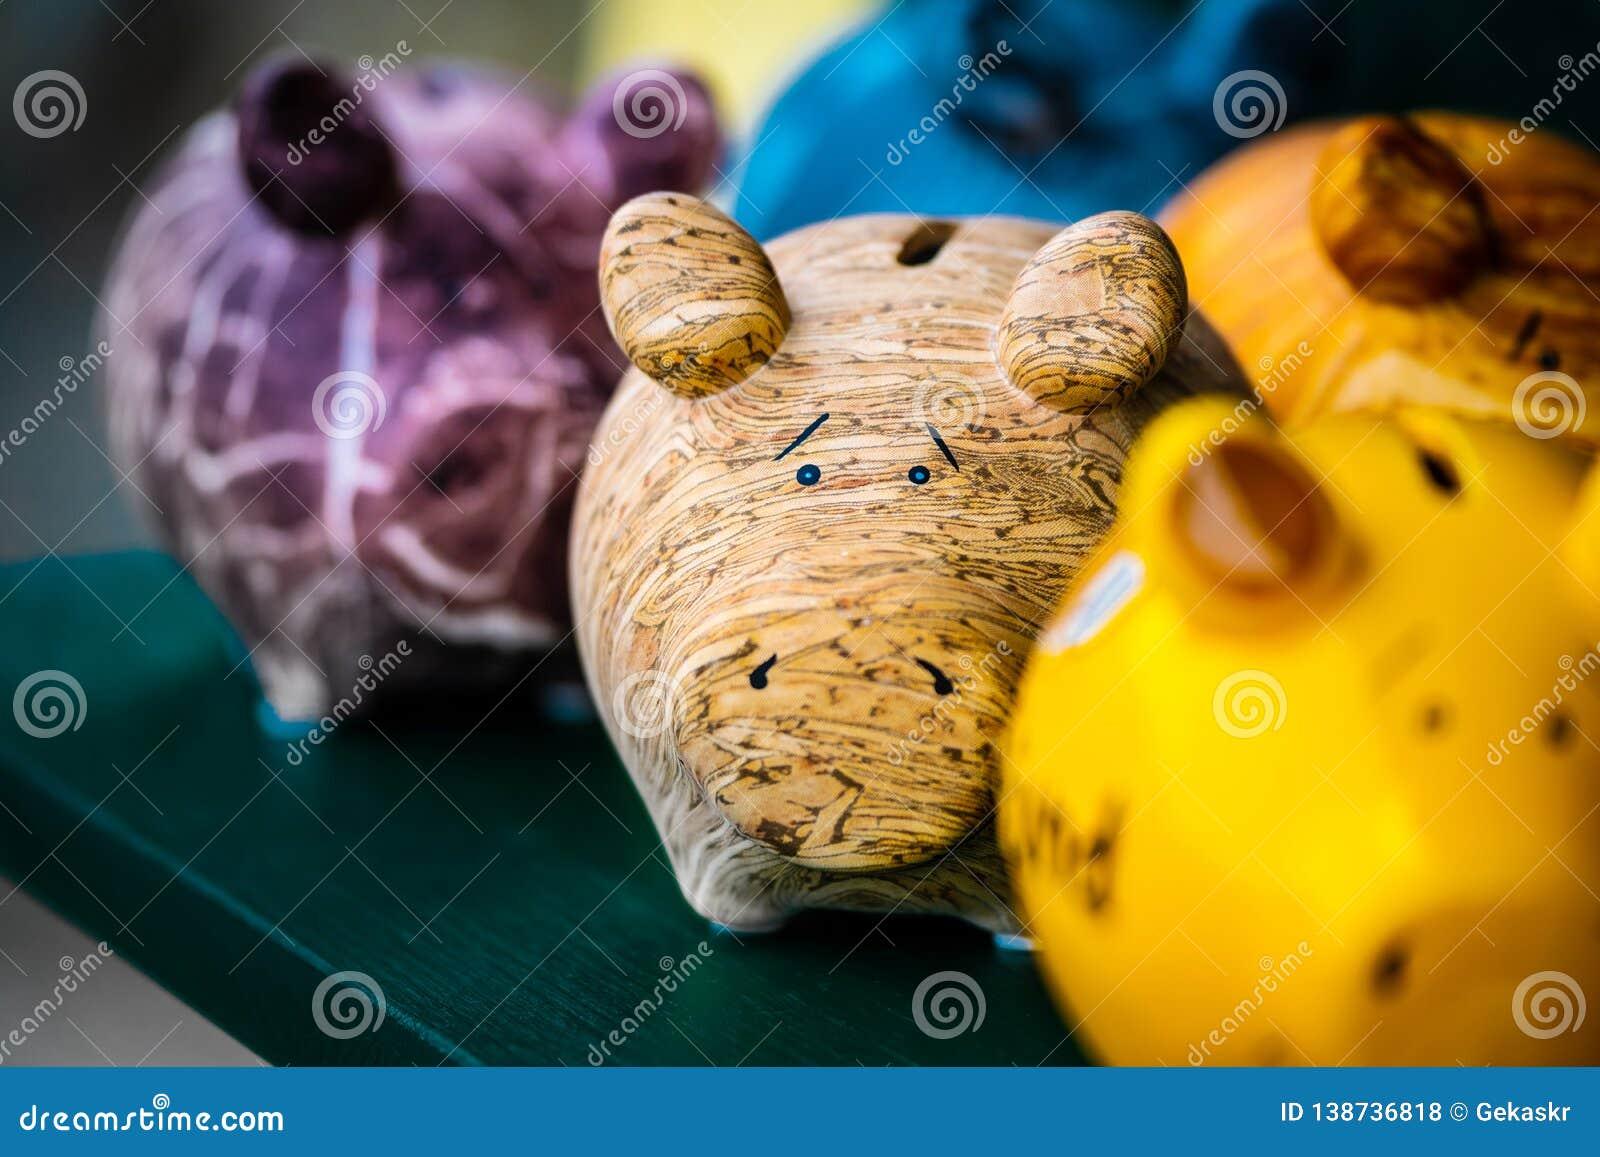 五颜六色的陶瓷猪形状模仿者